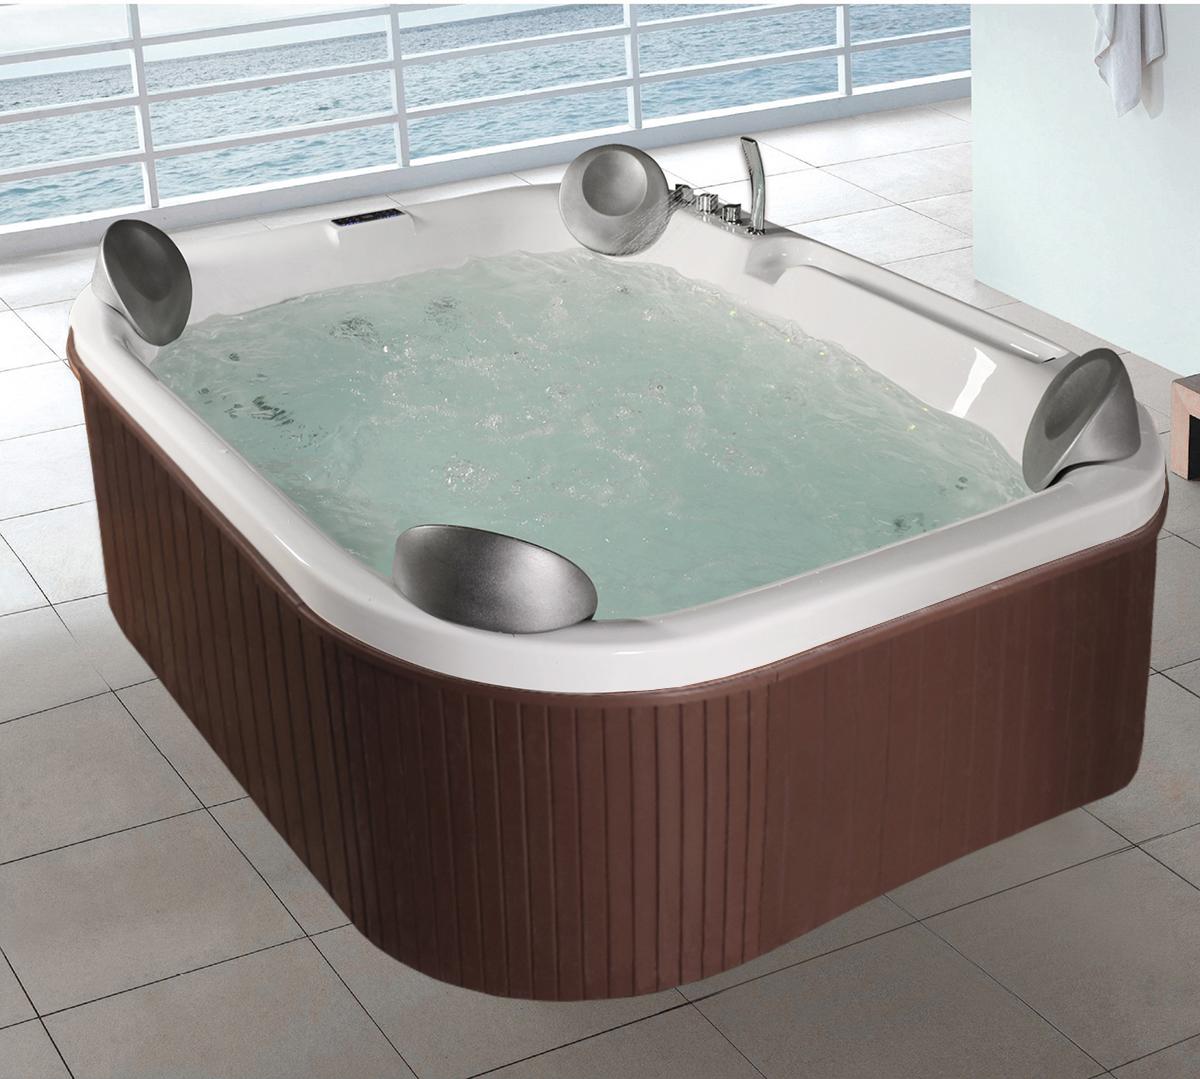 Vasche Idromassaggio Misure E Prezzi vasca minipiscina esterno vasca idromassaggio minipiscina